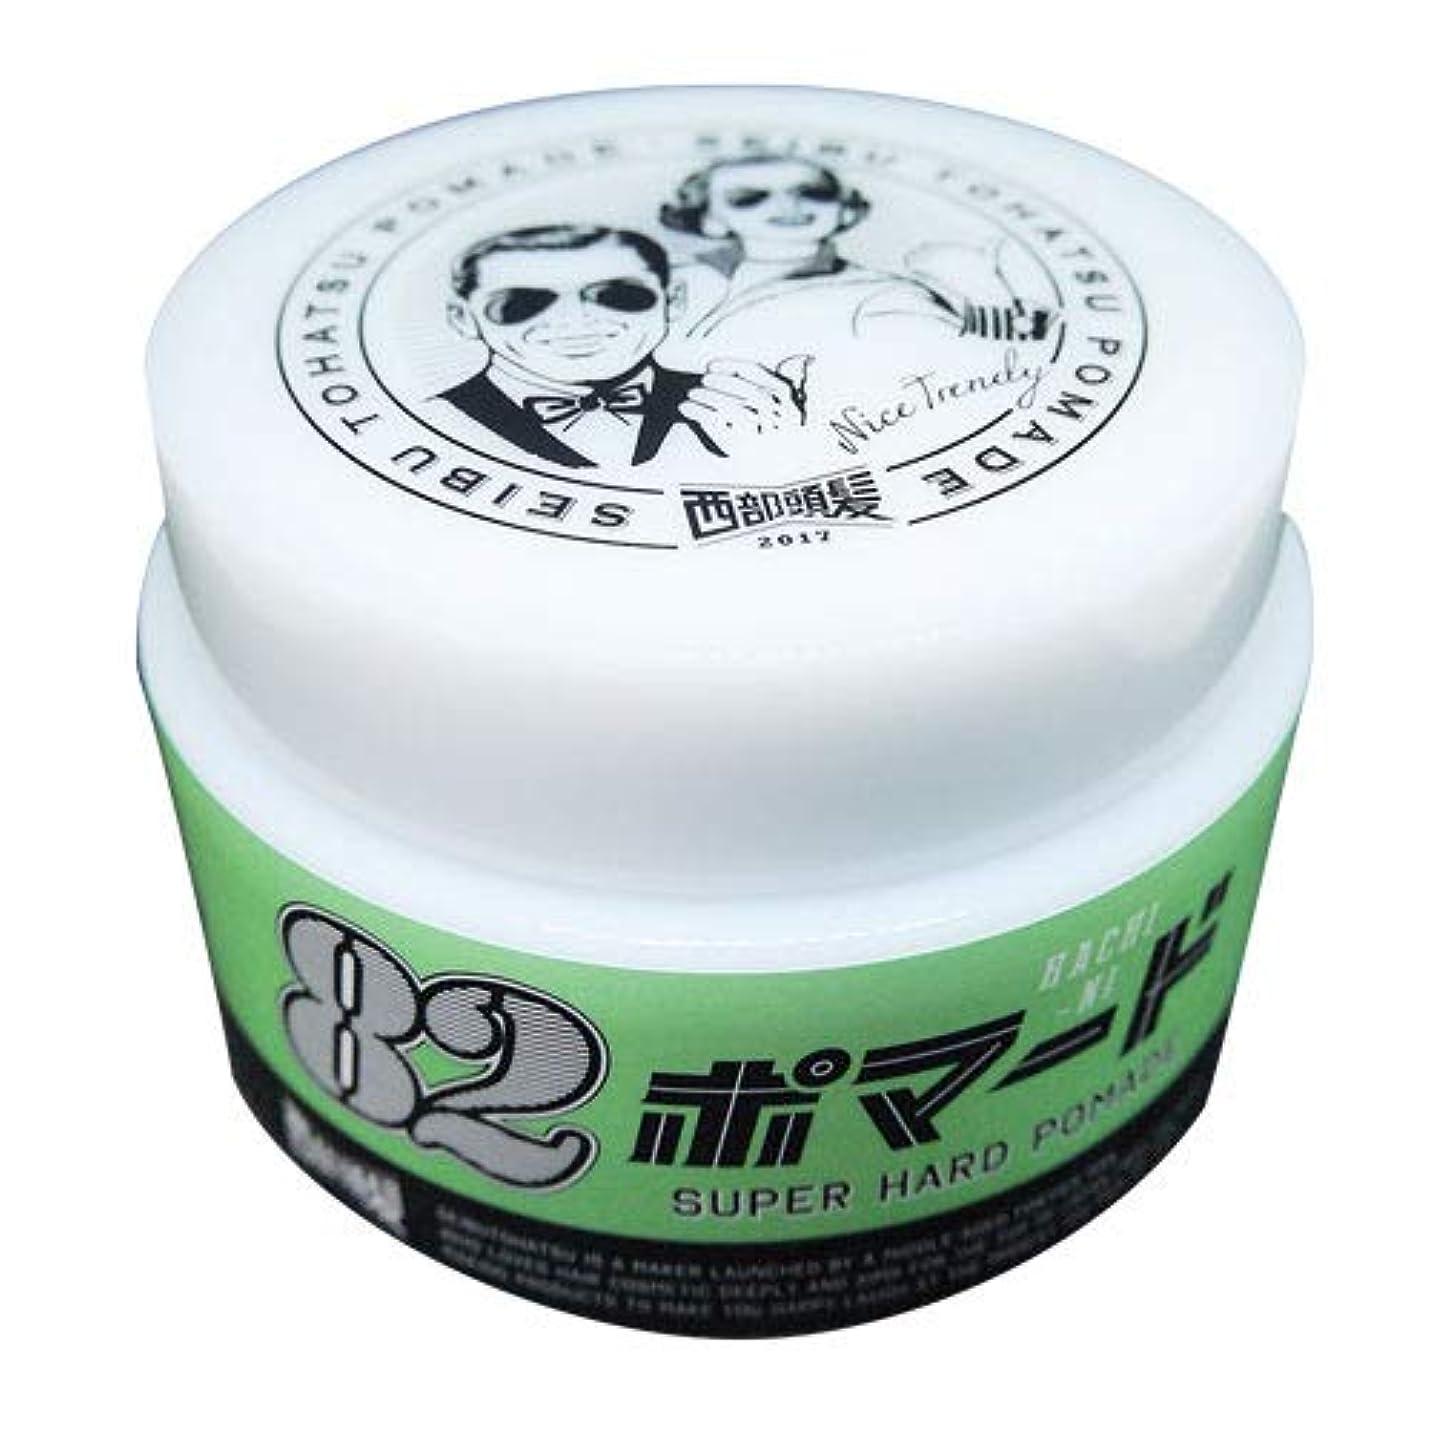 うめきリマーク防腐剤西部頭髪 82ポマード ハチニーポマード グリーン 200g